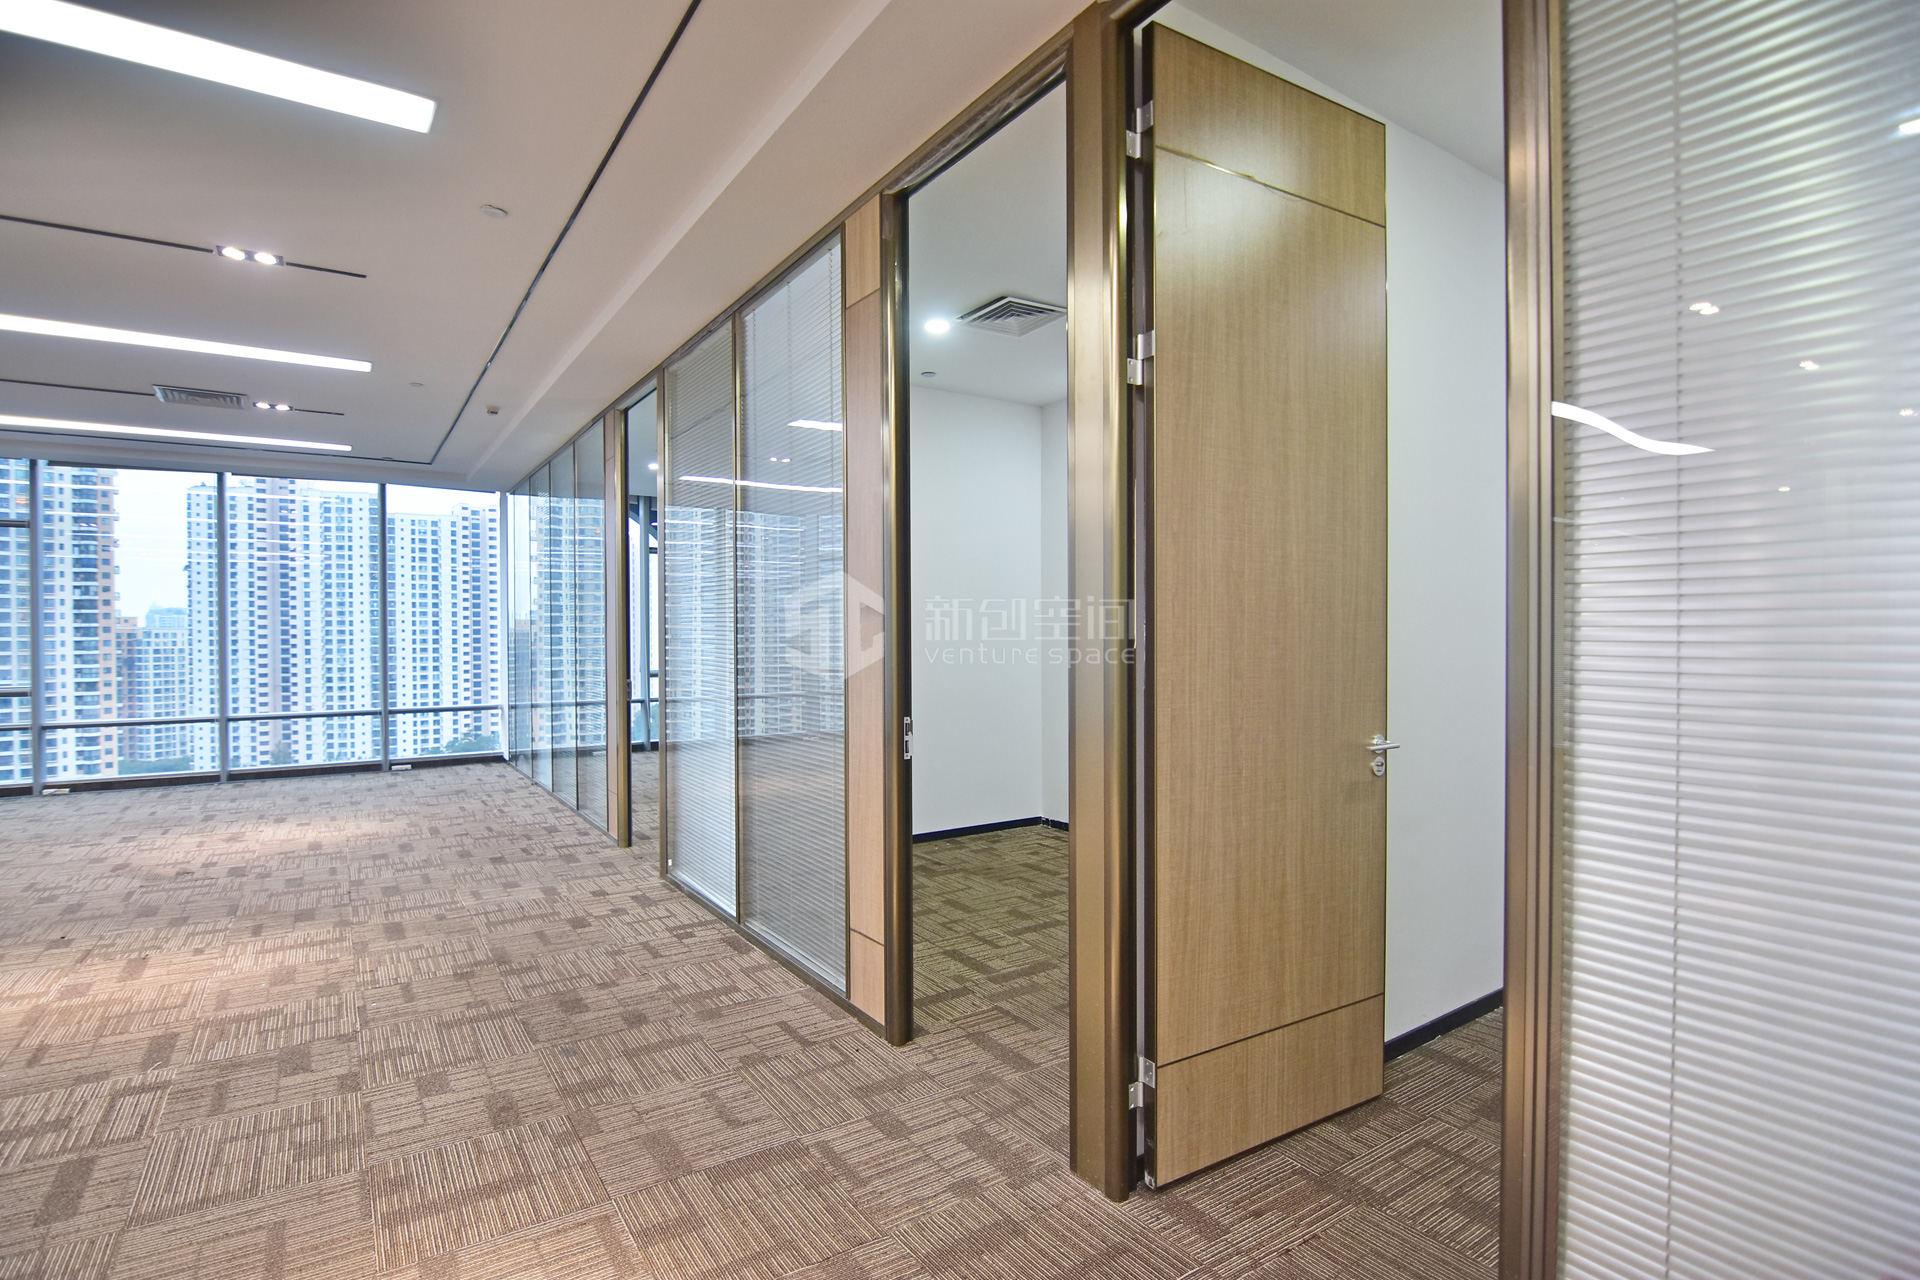 智慧广场655㎡精装办公室出租56330元/月